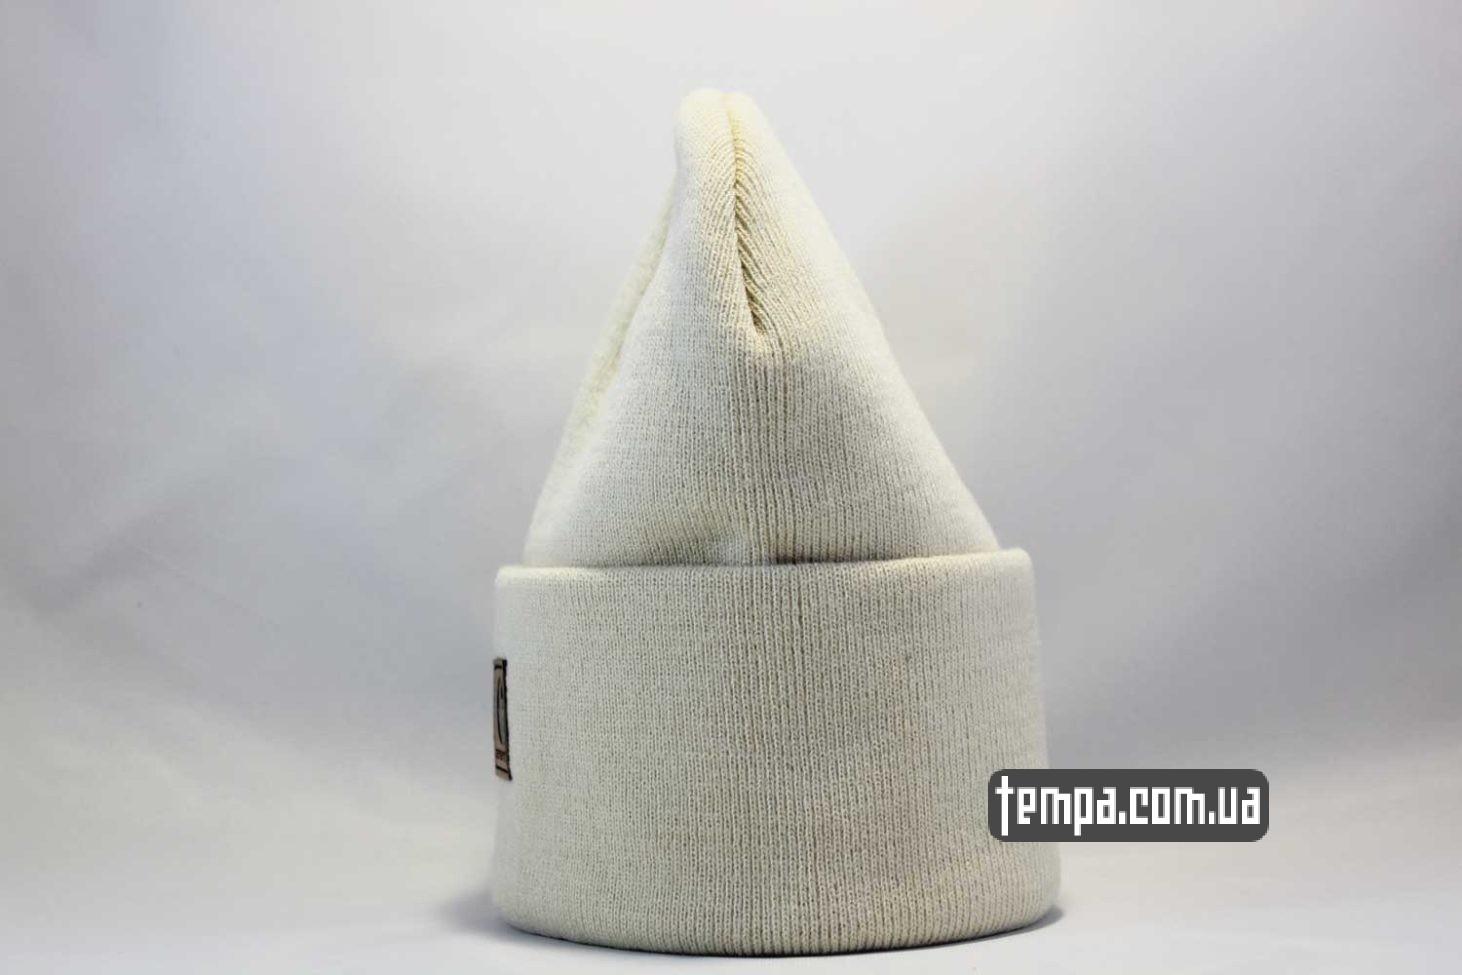 теплая зимняя шапка beanie carhartt white leather кожаная